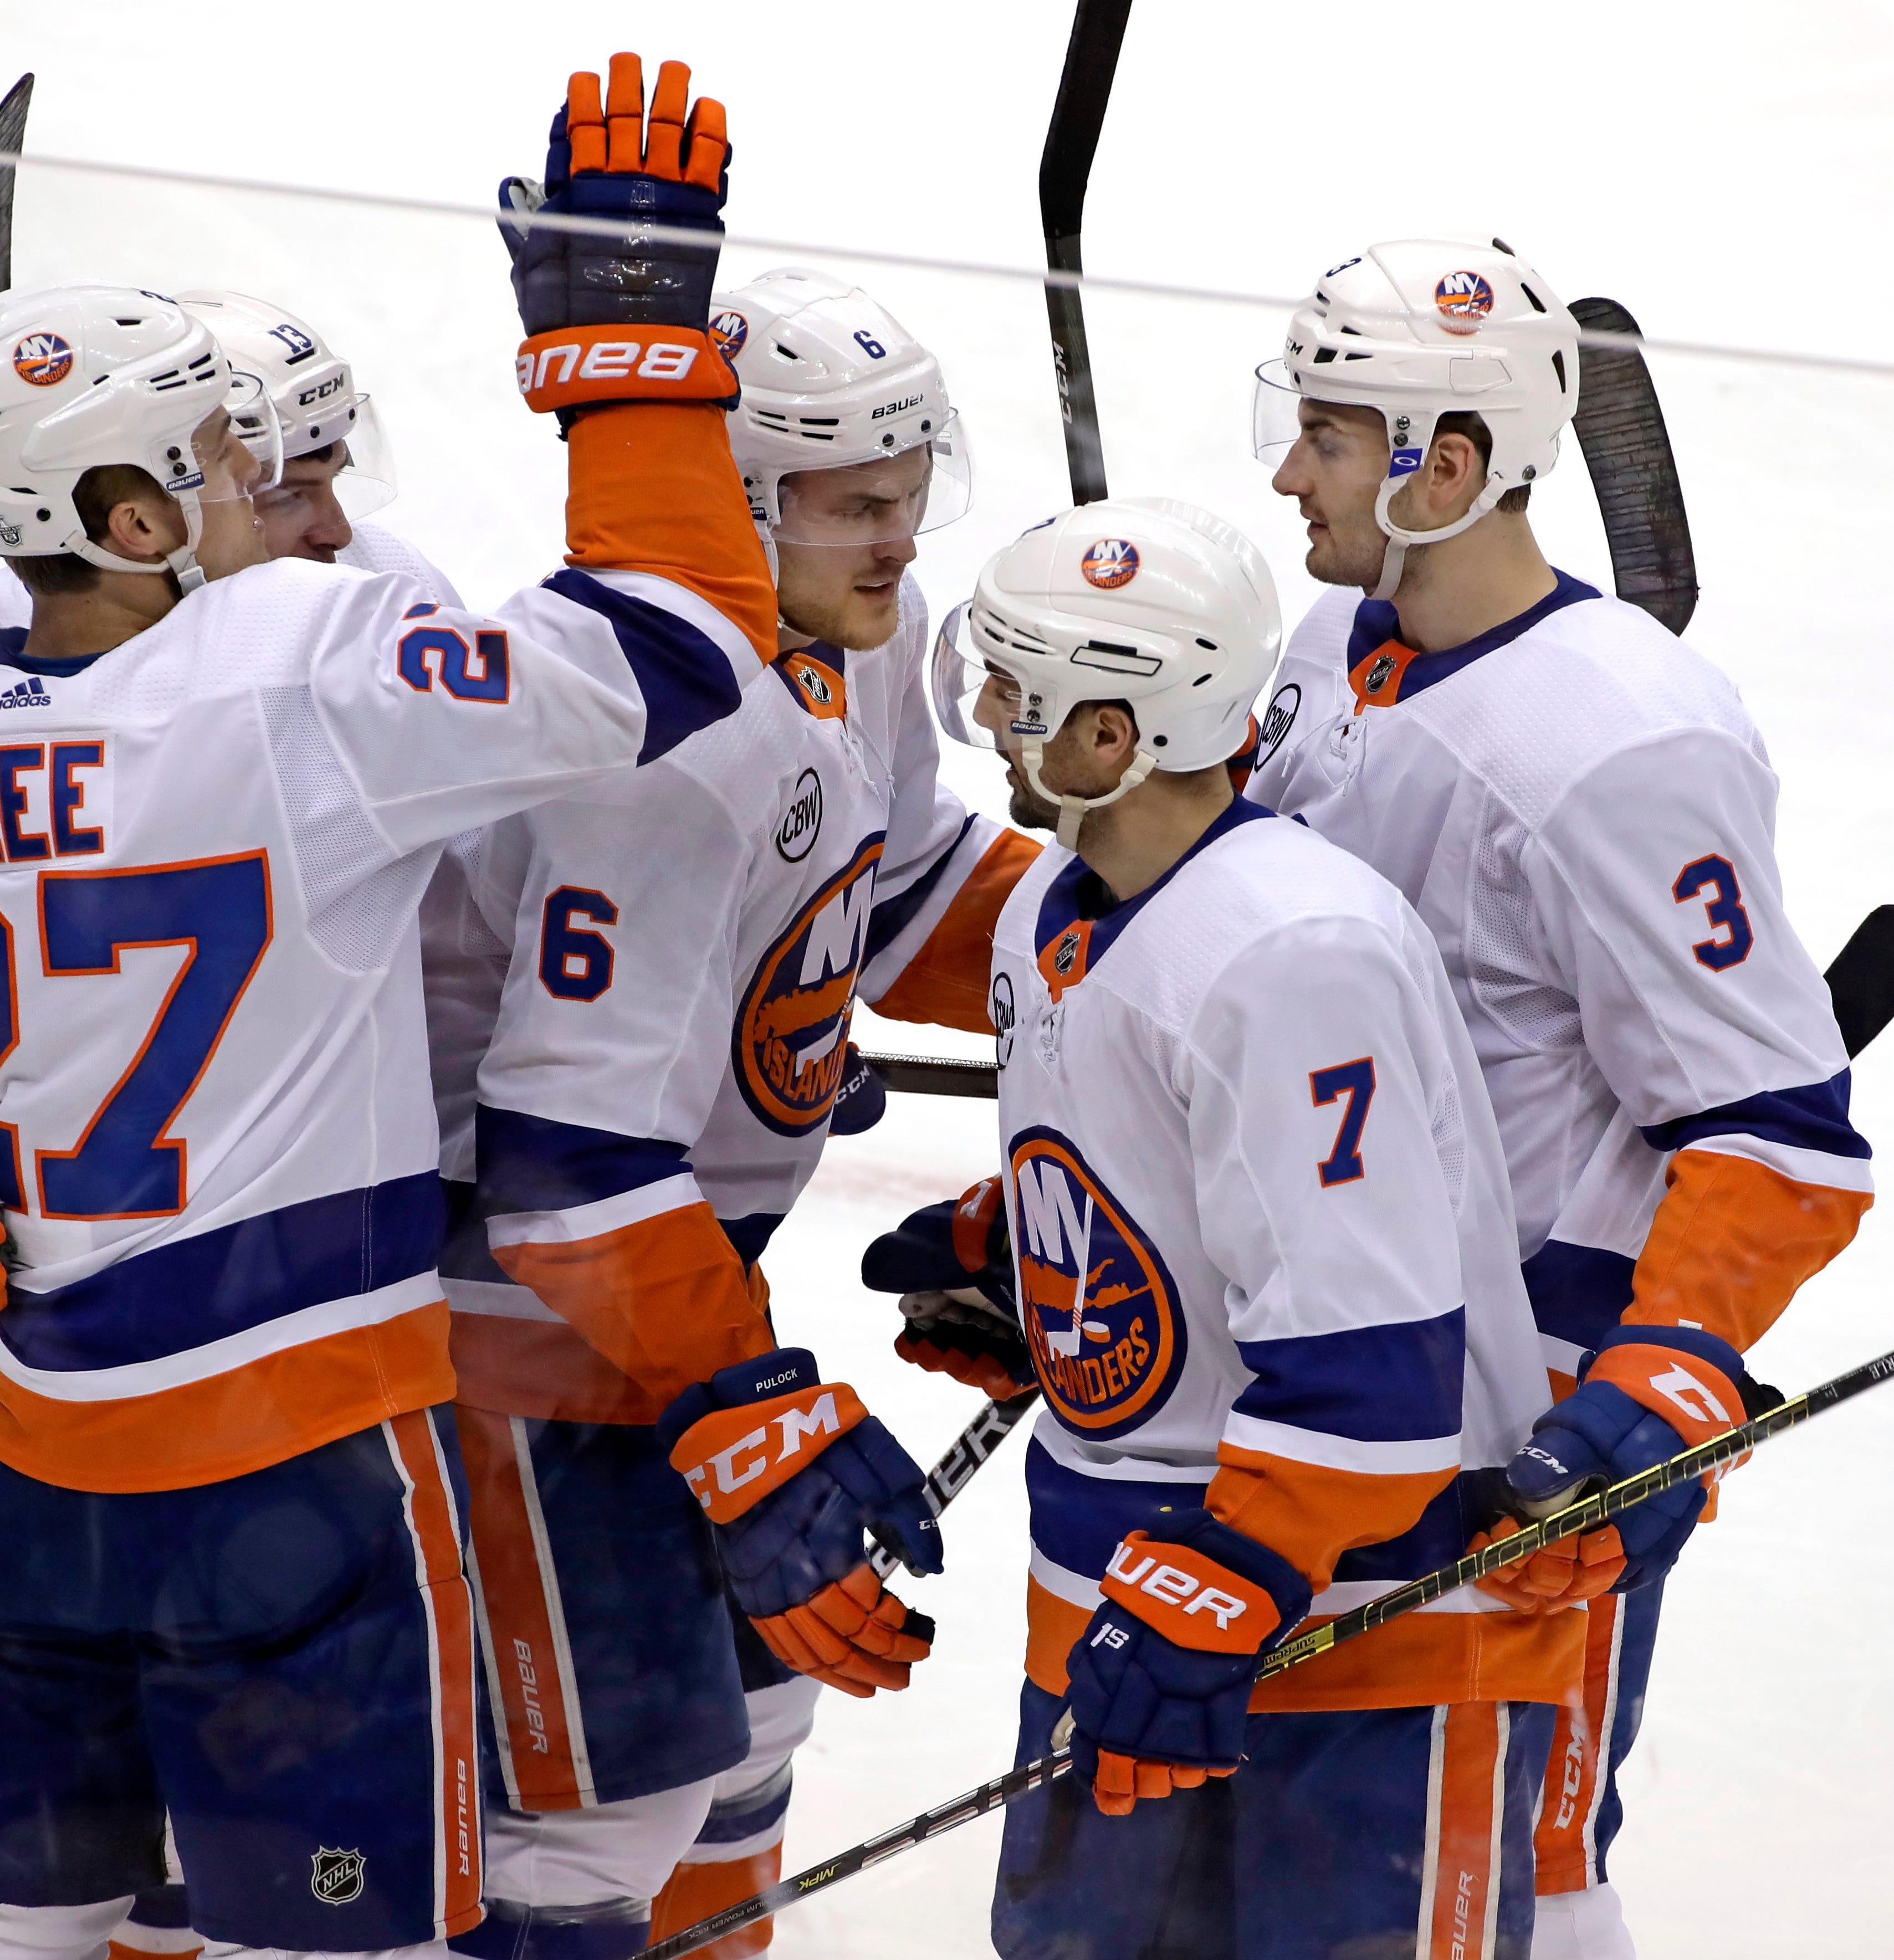 Islanders top Penguins 4-1 to take 3-0 series lead